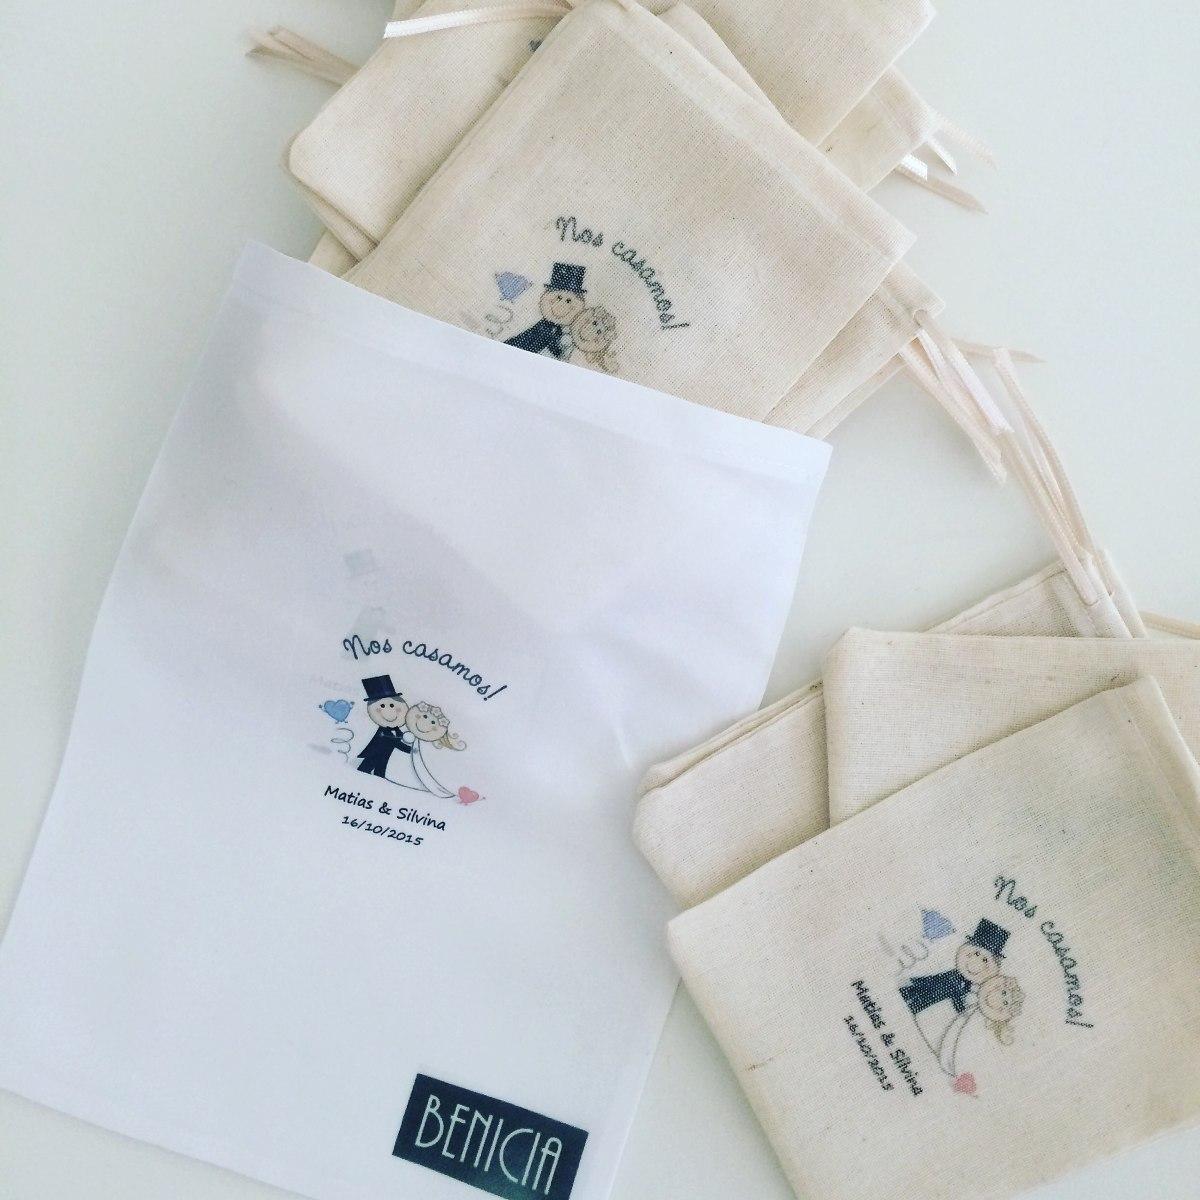 774a9a152 Pack 120 Bolsas De Tela Personalizadas - $ 2.000,00 en Mercado Libre